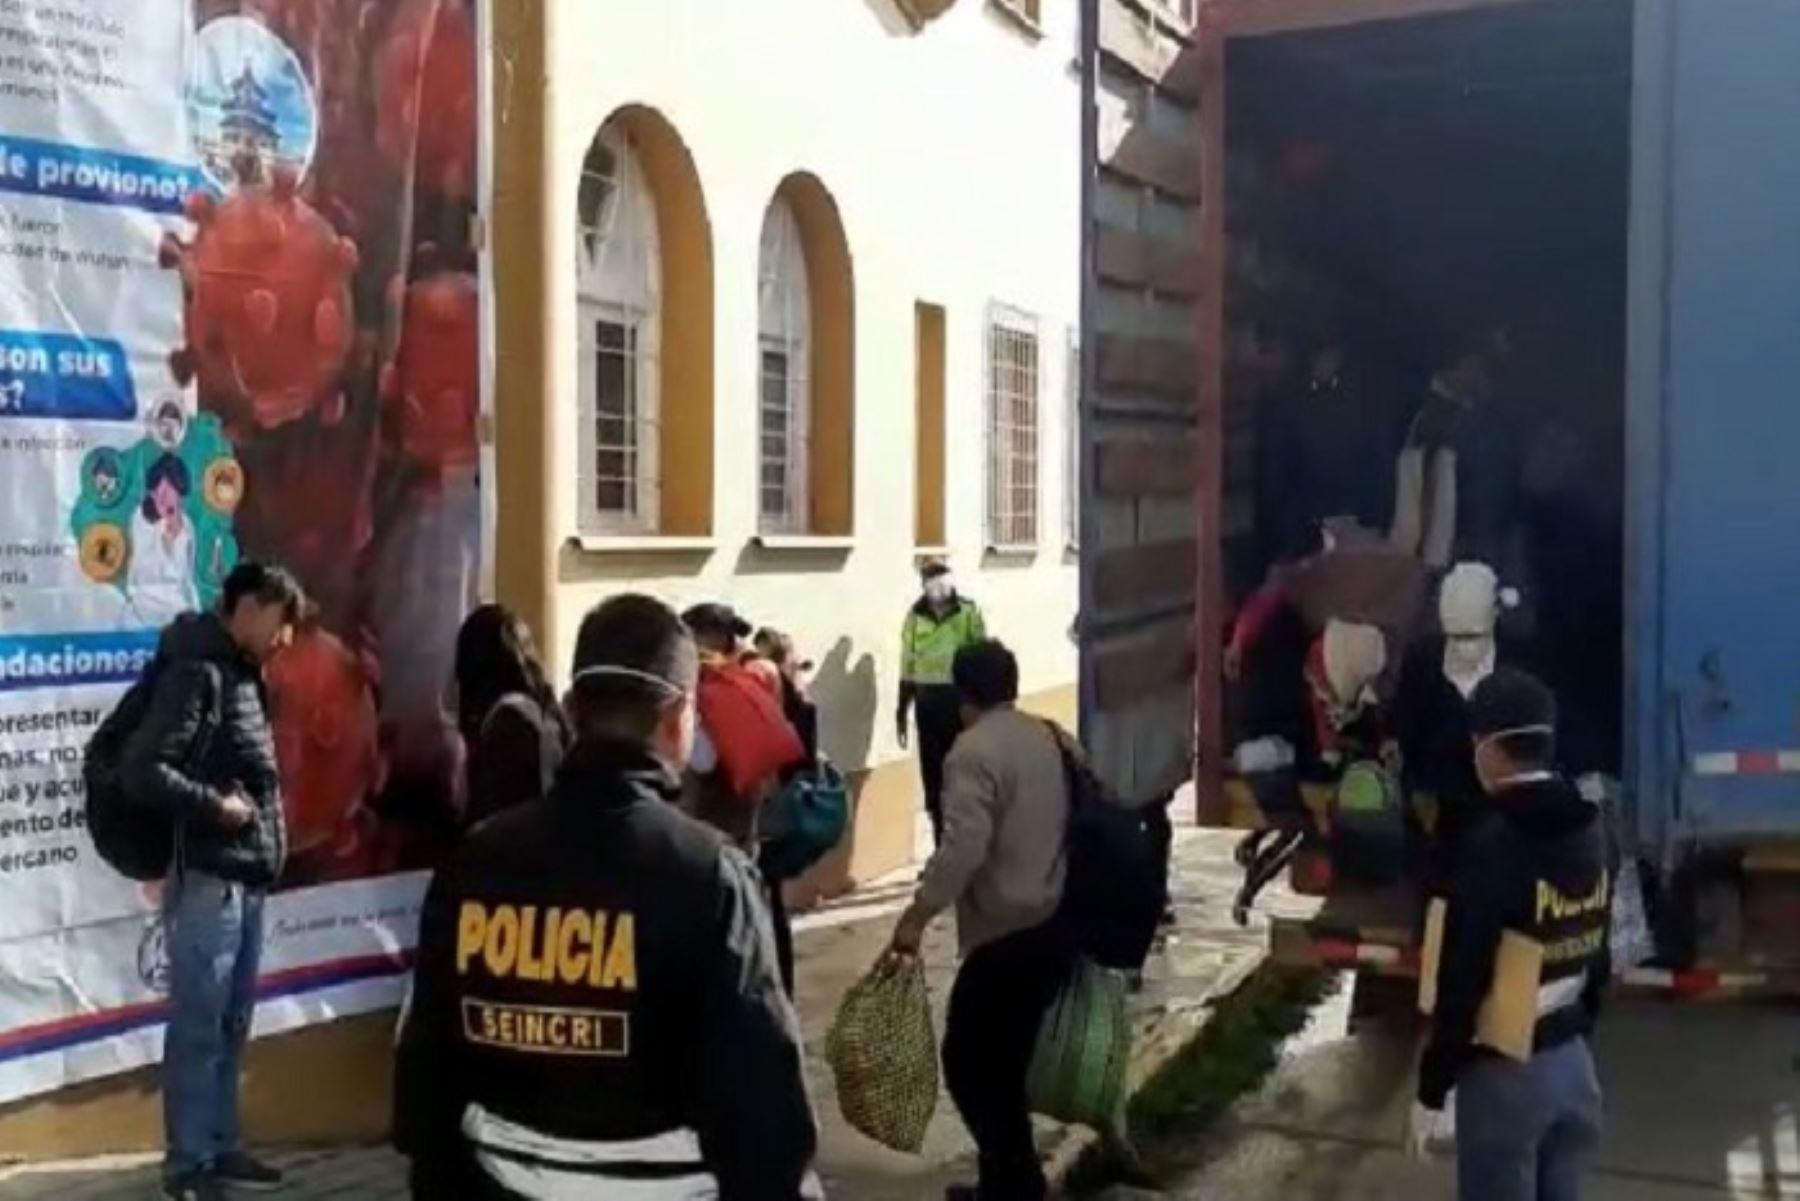 El conductor del vehículo marca Hino de placa AFD-842, quien fue identificado como Orlando Javier Lapa Medina (53)